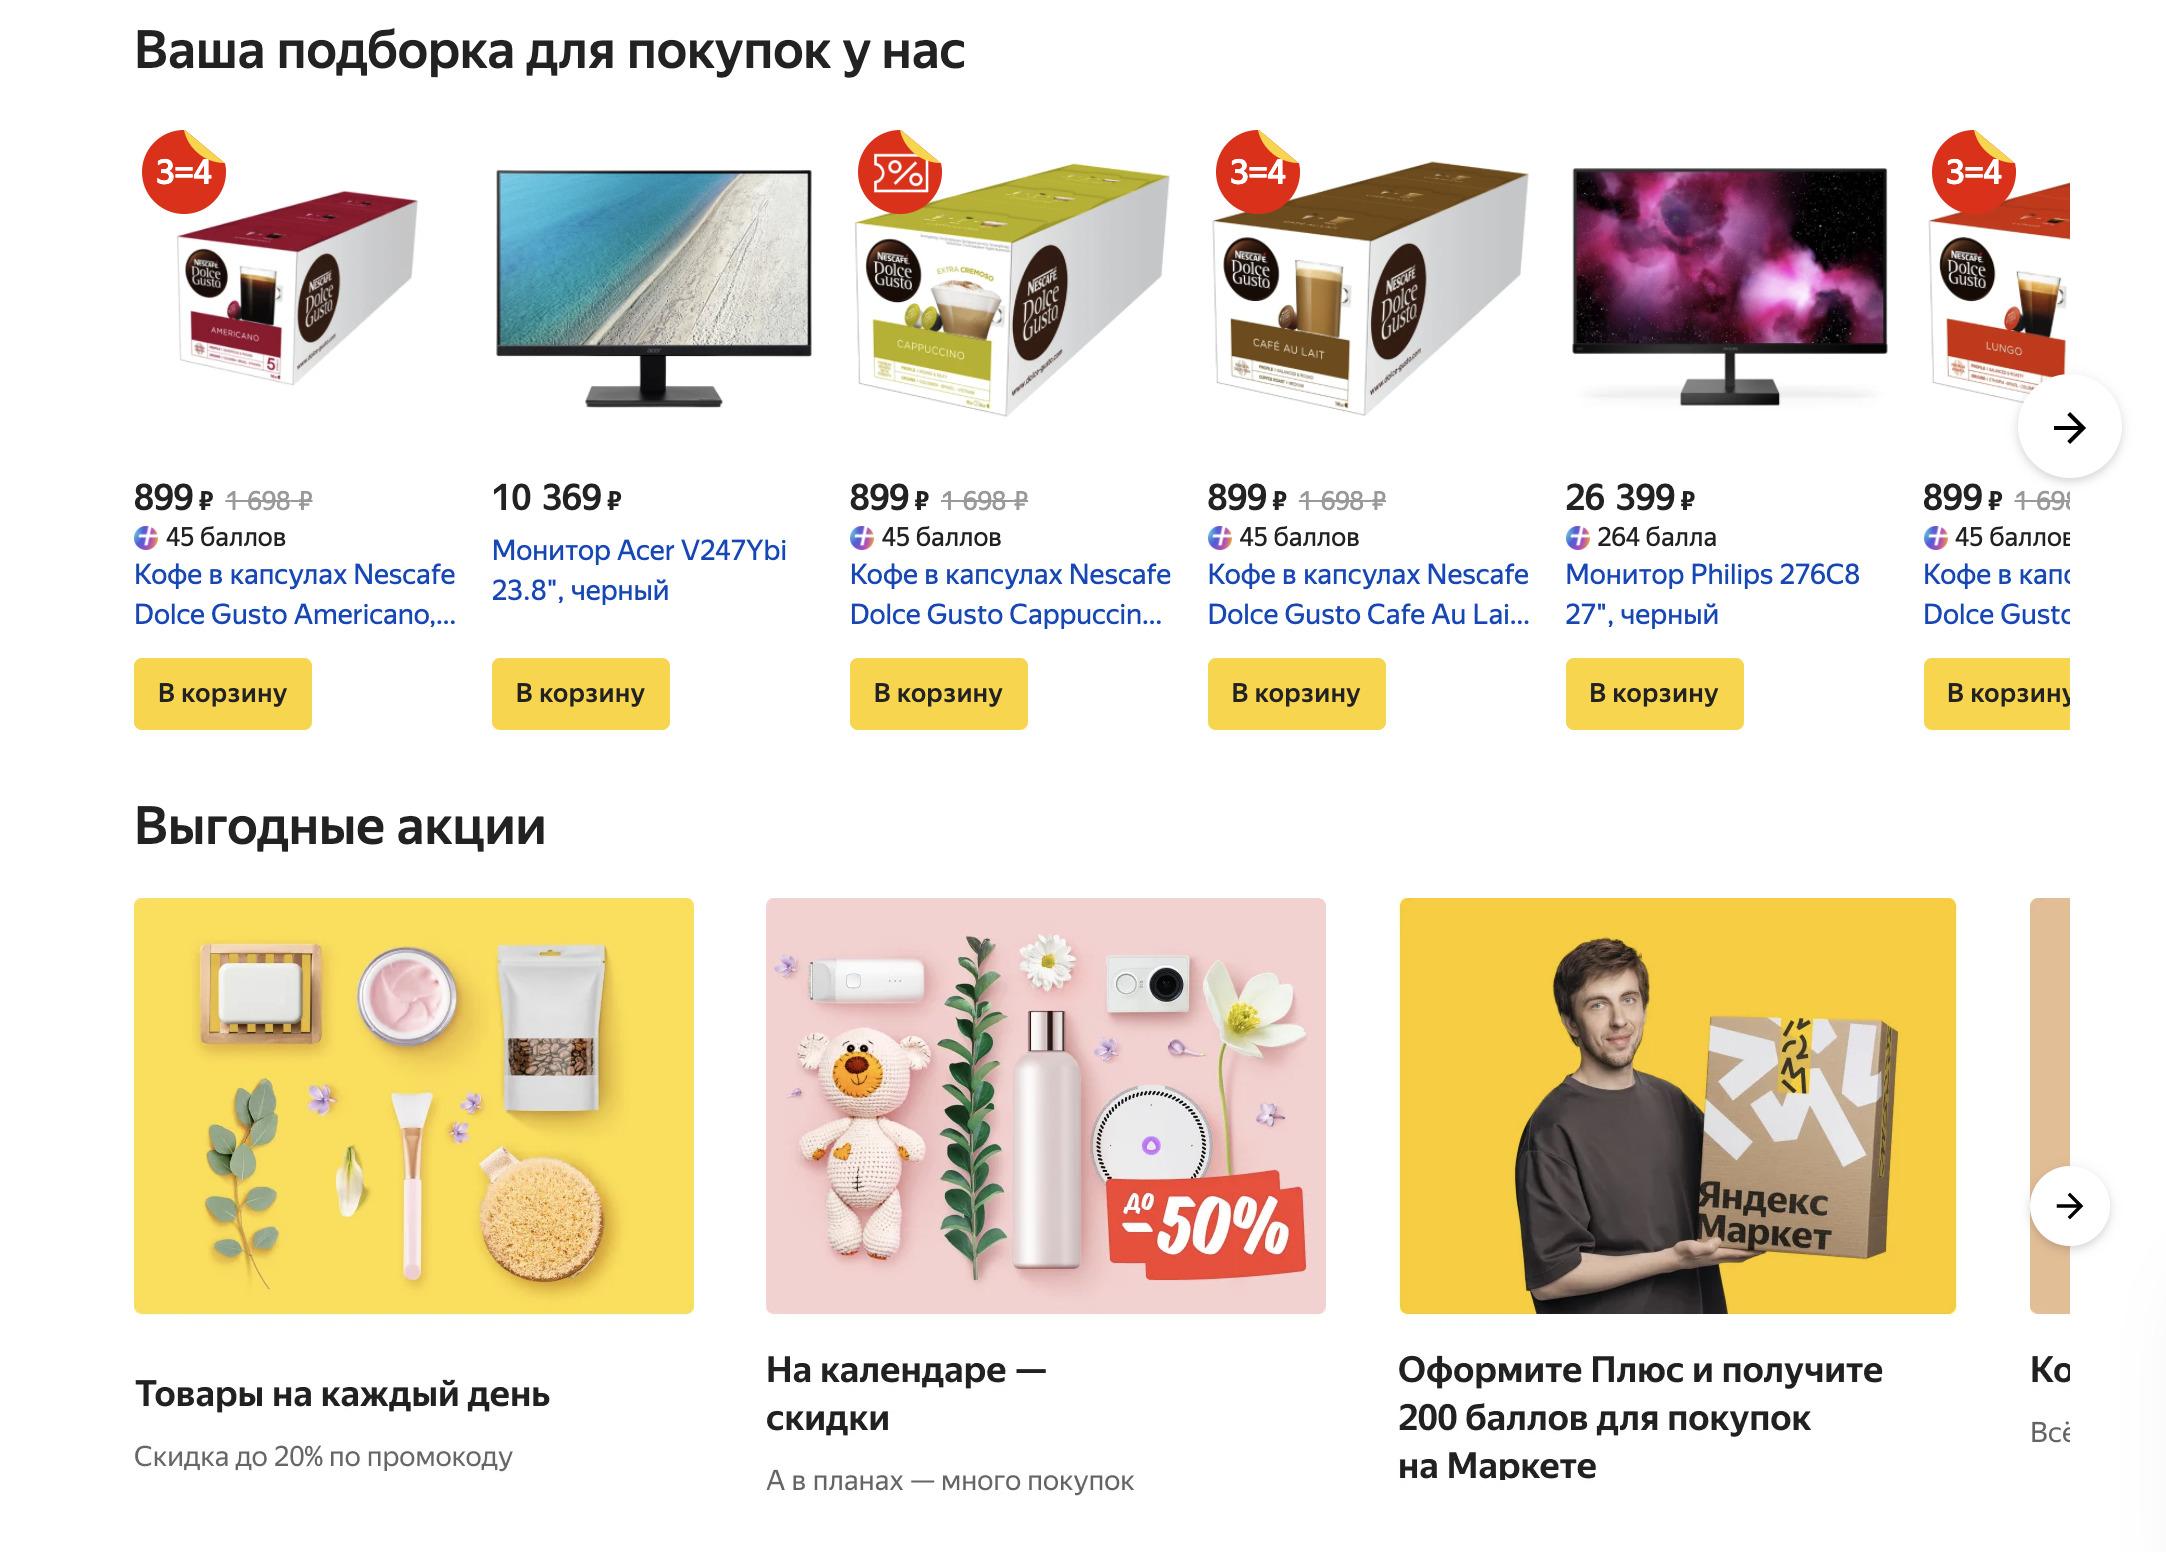 Доставка из Яндекс.Маркет в Калуга, сроки, пункты выдачи, каталог